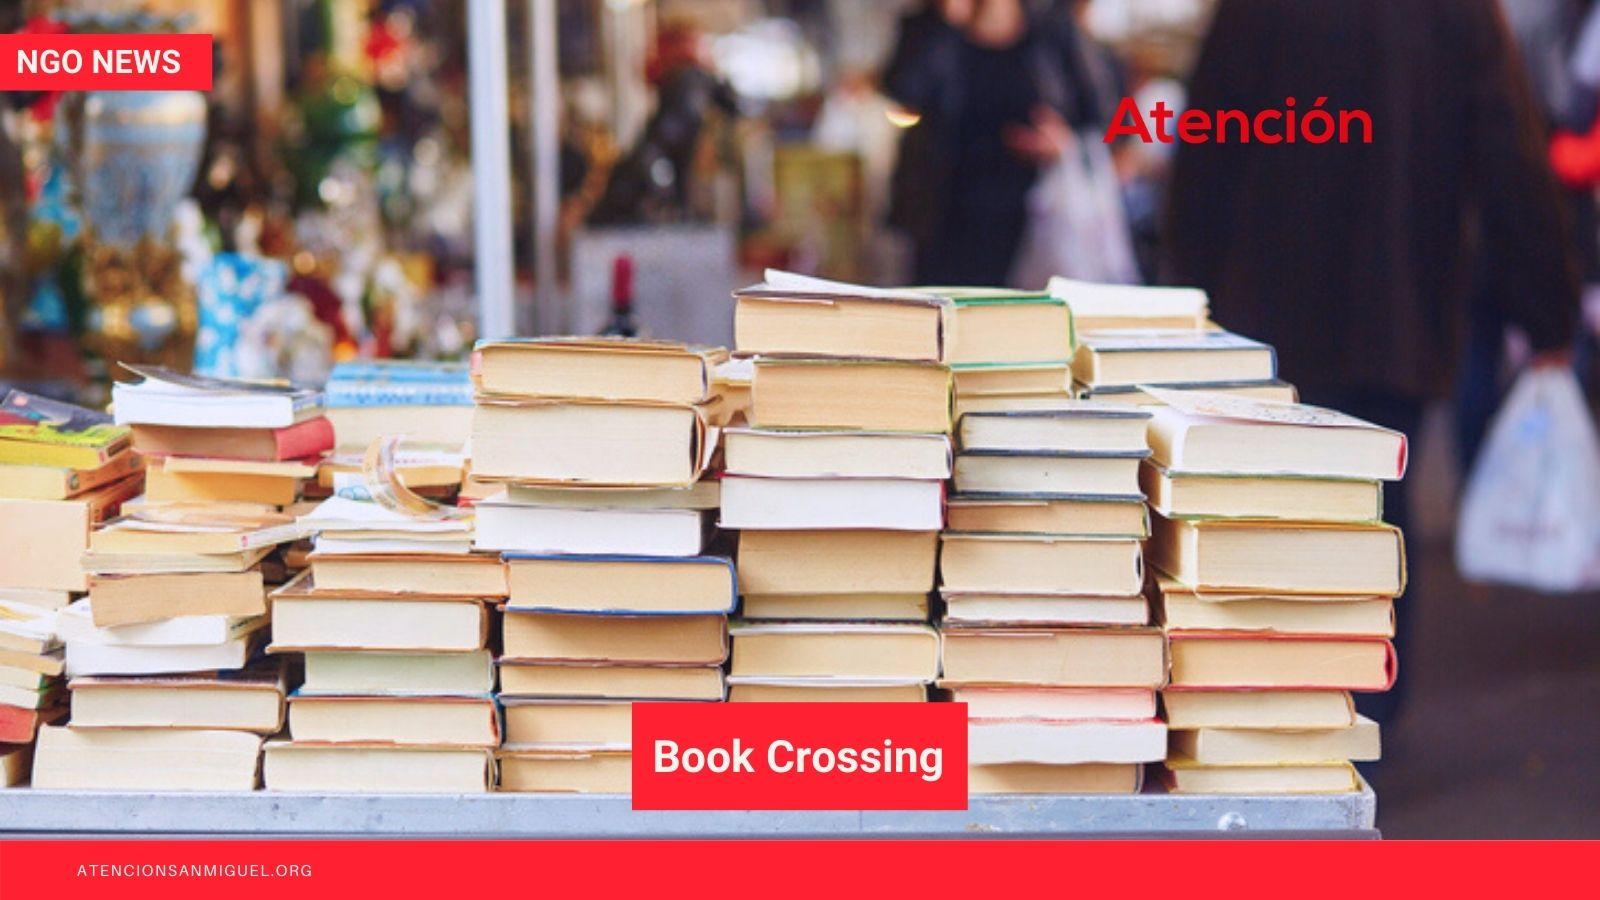 Book-Crossing.jpg